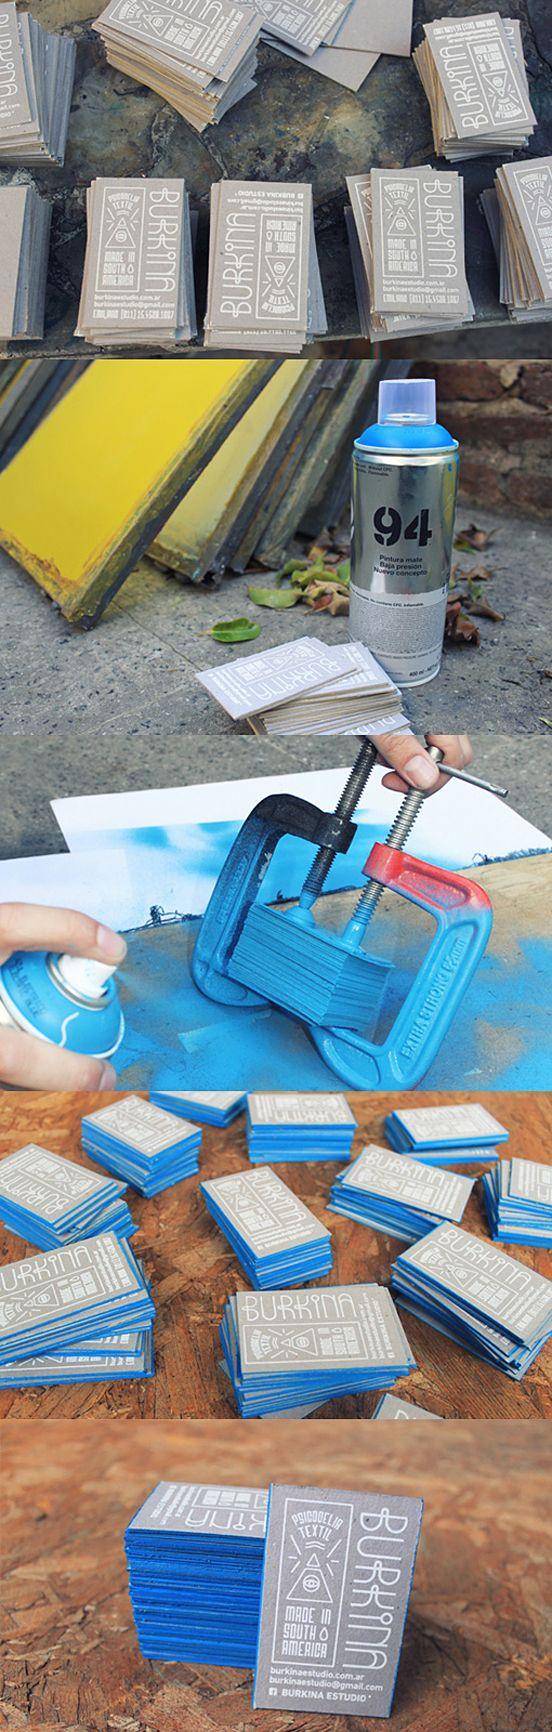 Handmade Blue Edged Design | www.behance.net | pinned by www.BlickeDeeler.de | Have a look on www.LogoGestaltung-Hamburg.de